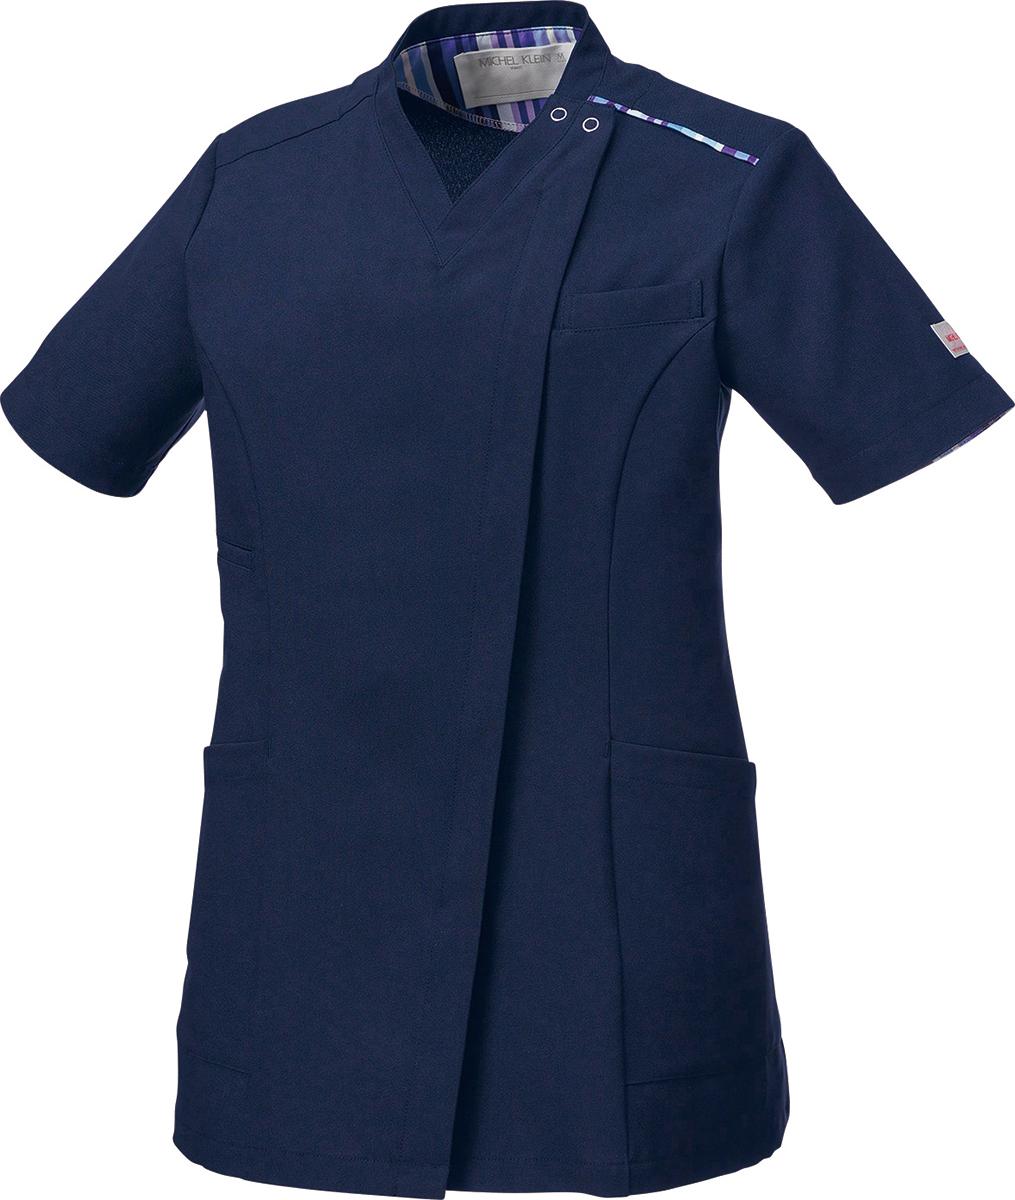 アイテム勢ぞろい ミッシェルクラン 商店 白衣 ファスナースクラブ MK-0002 女性用 レディース